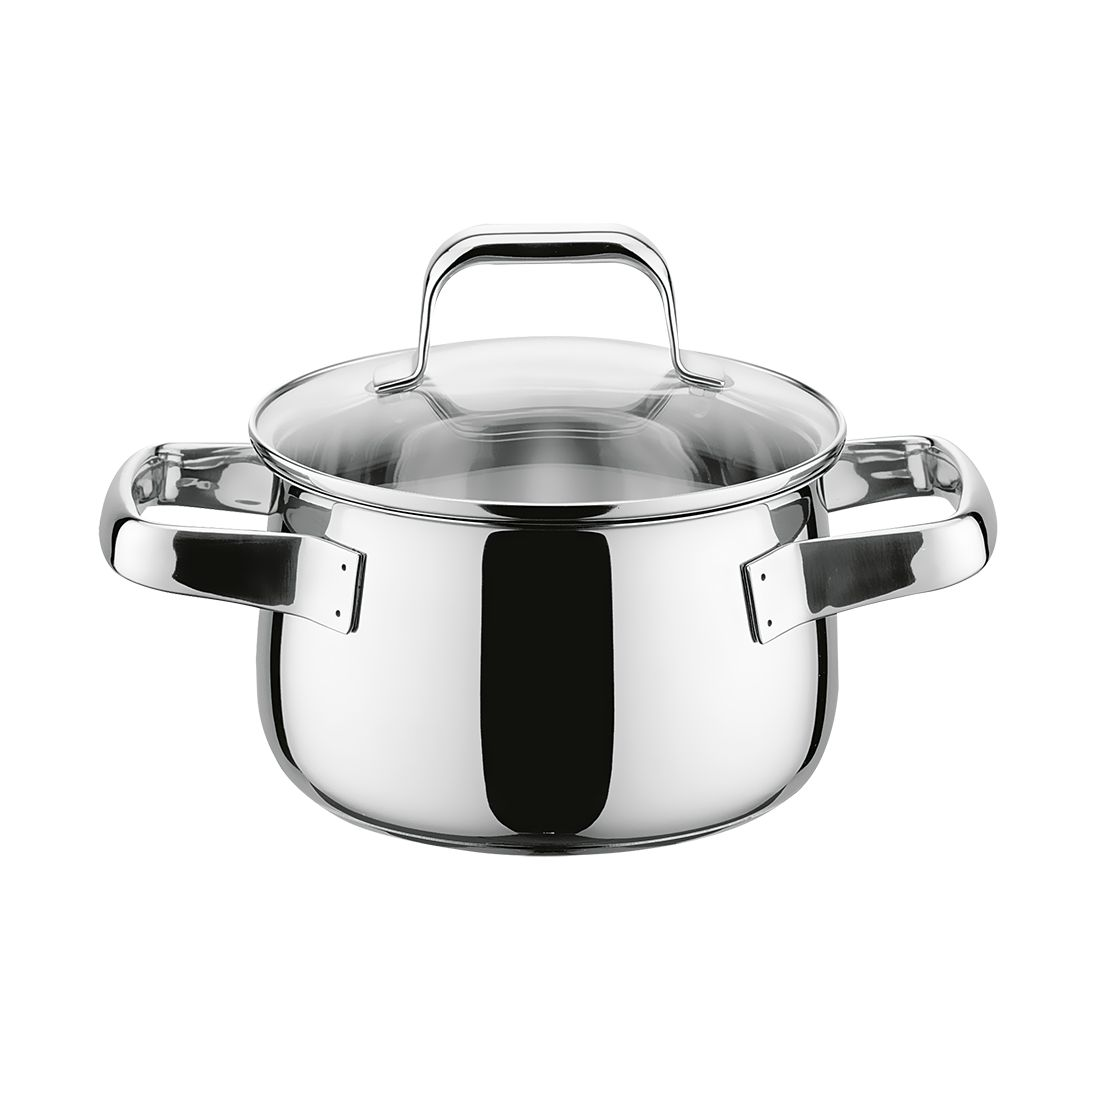 Fleischtopf Shape – Edelstahl Silber – 20 cm 3,4 Liter, ELO jetzt kaufen